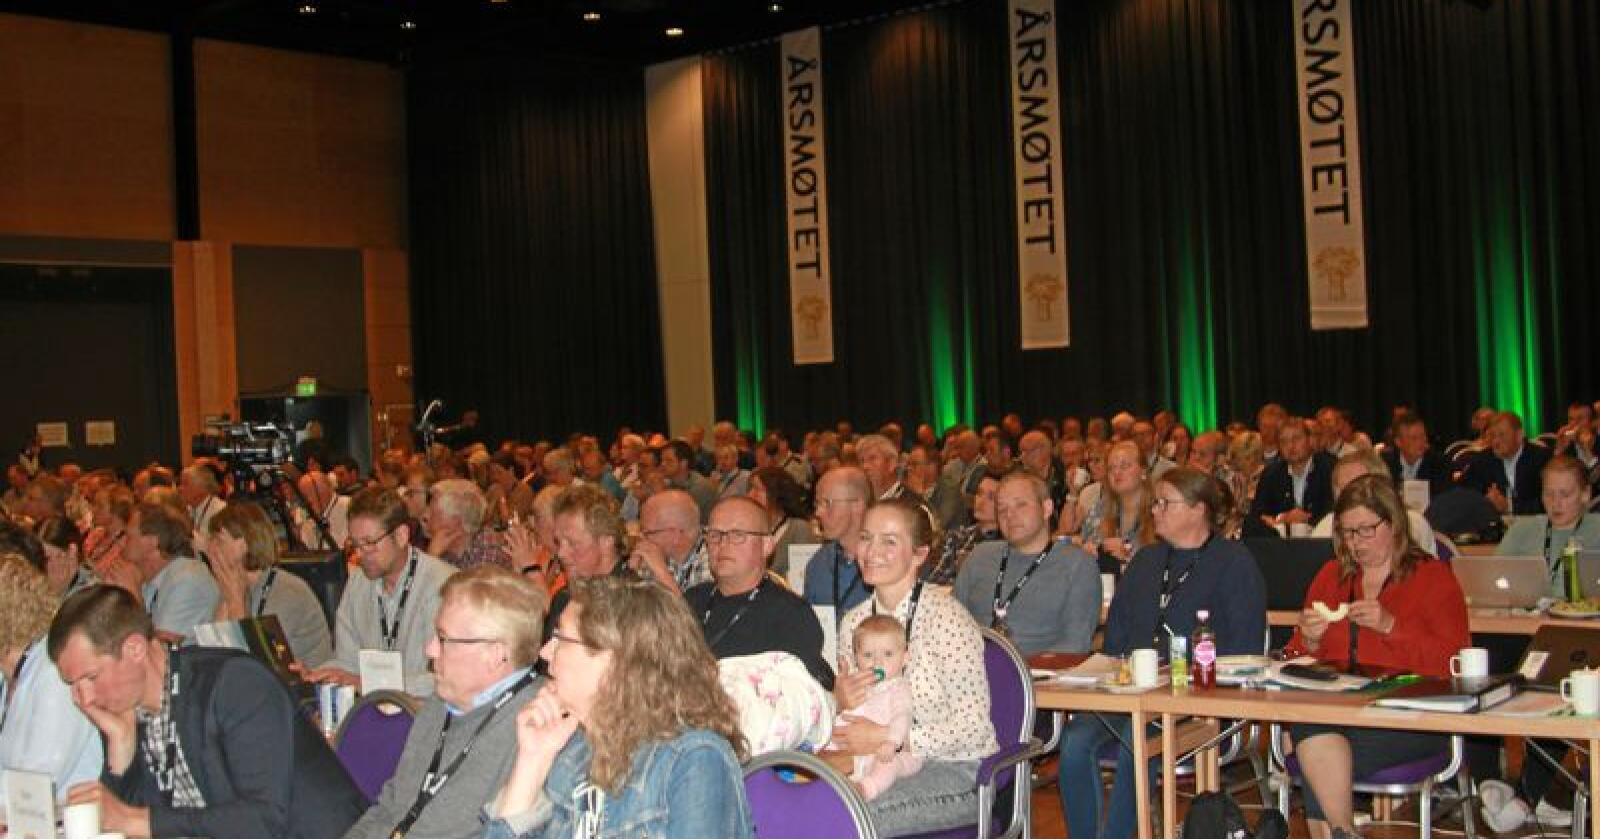 Representanter for Norges Bondelag er samlet på Lillehammer denne uka. Foto: Svein Egil Hatlevik